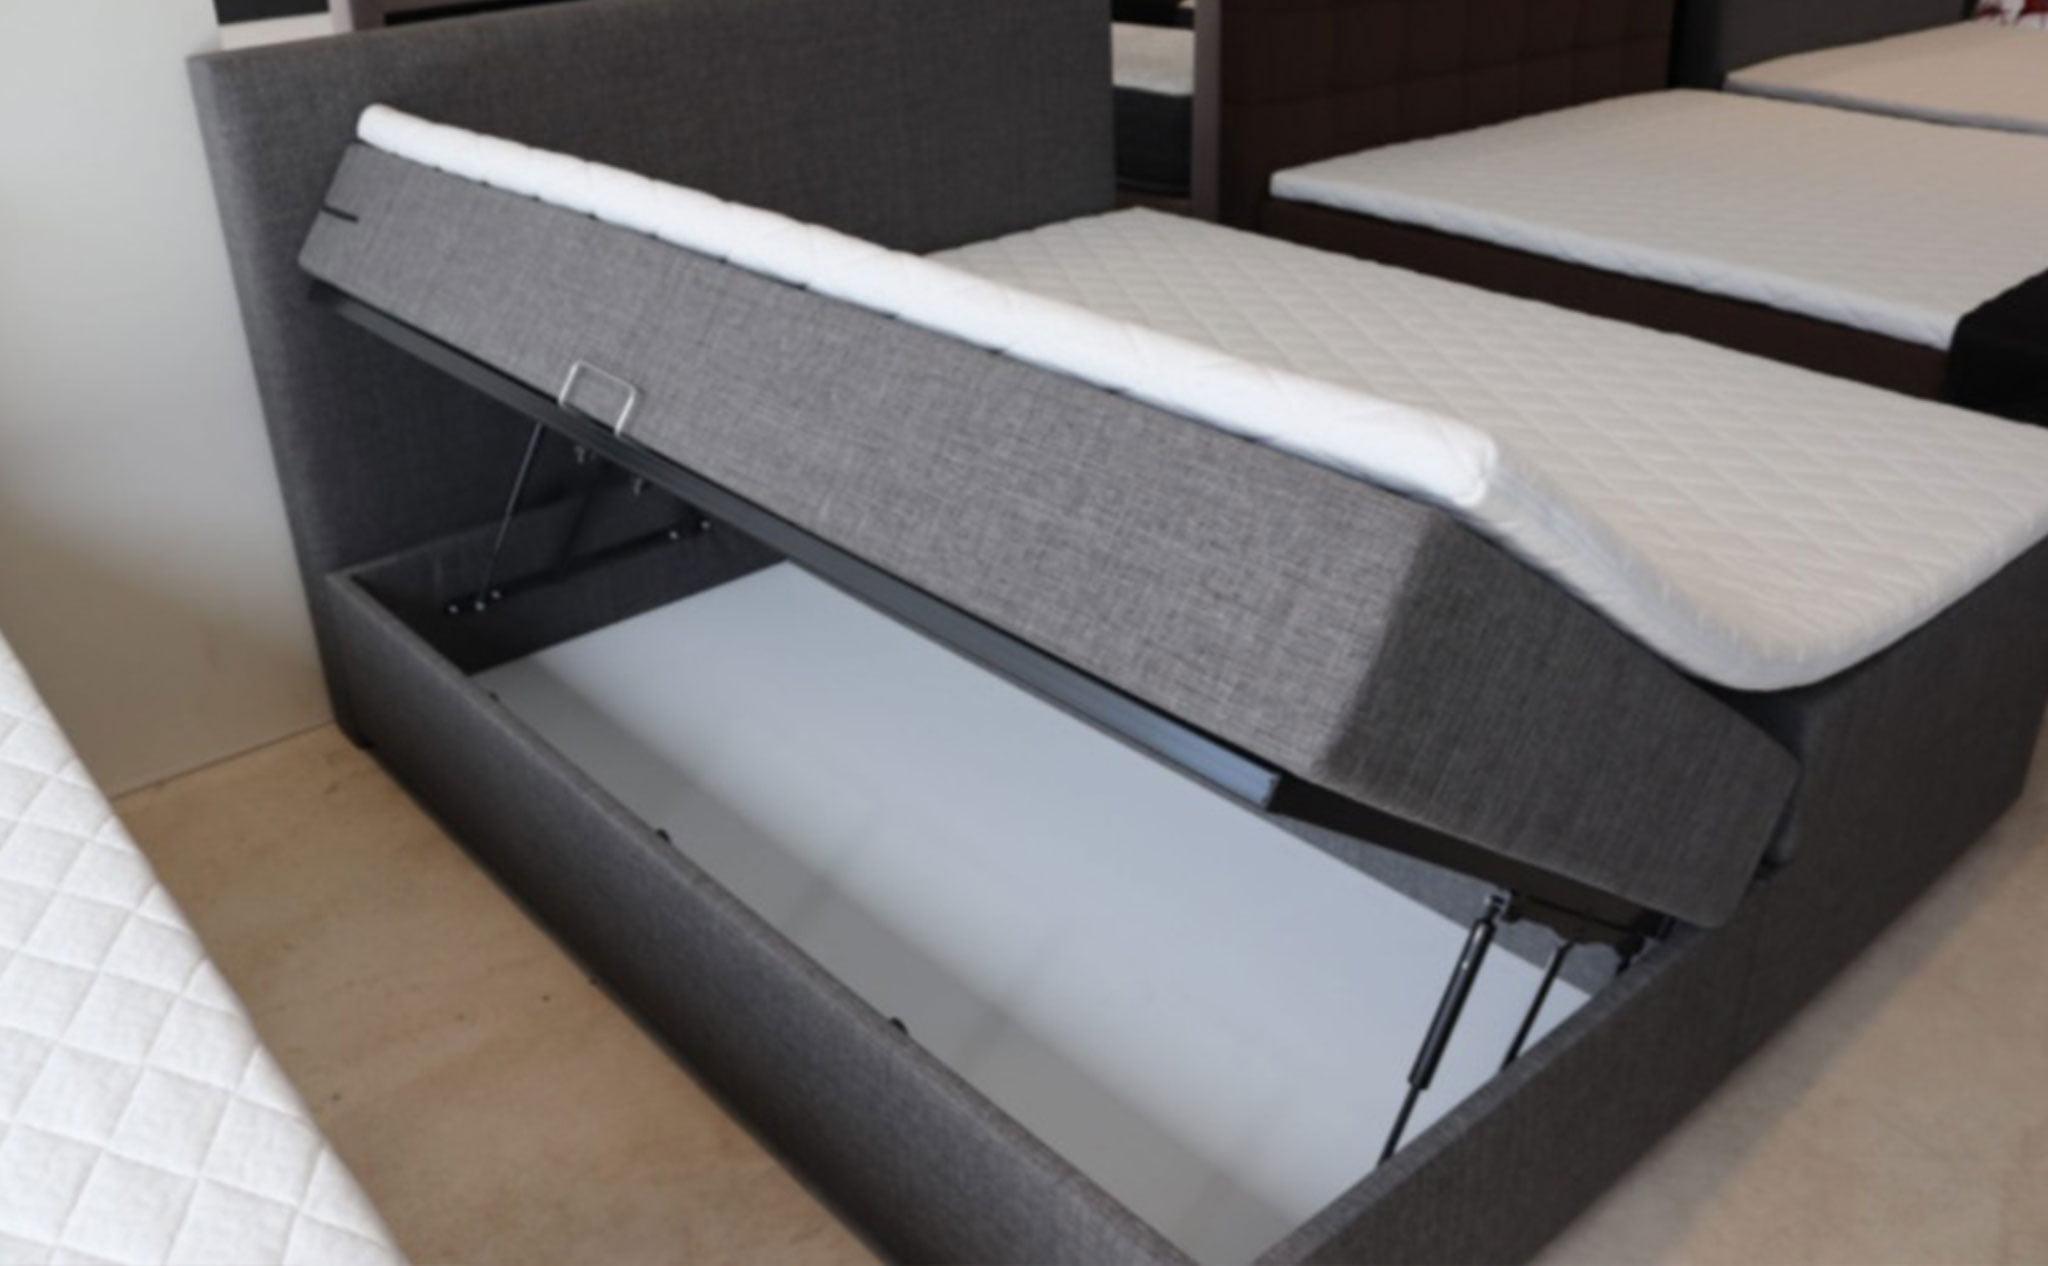 Oferta canapé con almacenamiento lateral – Amazing Deals Costa Blanca